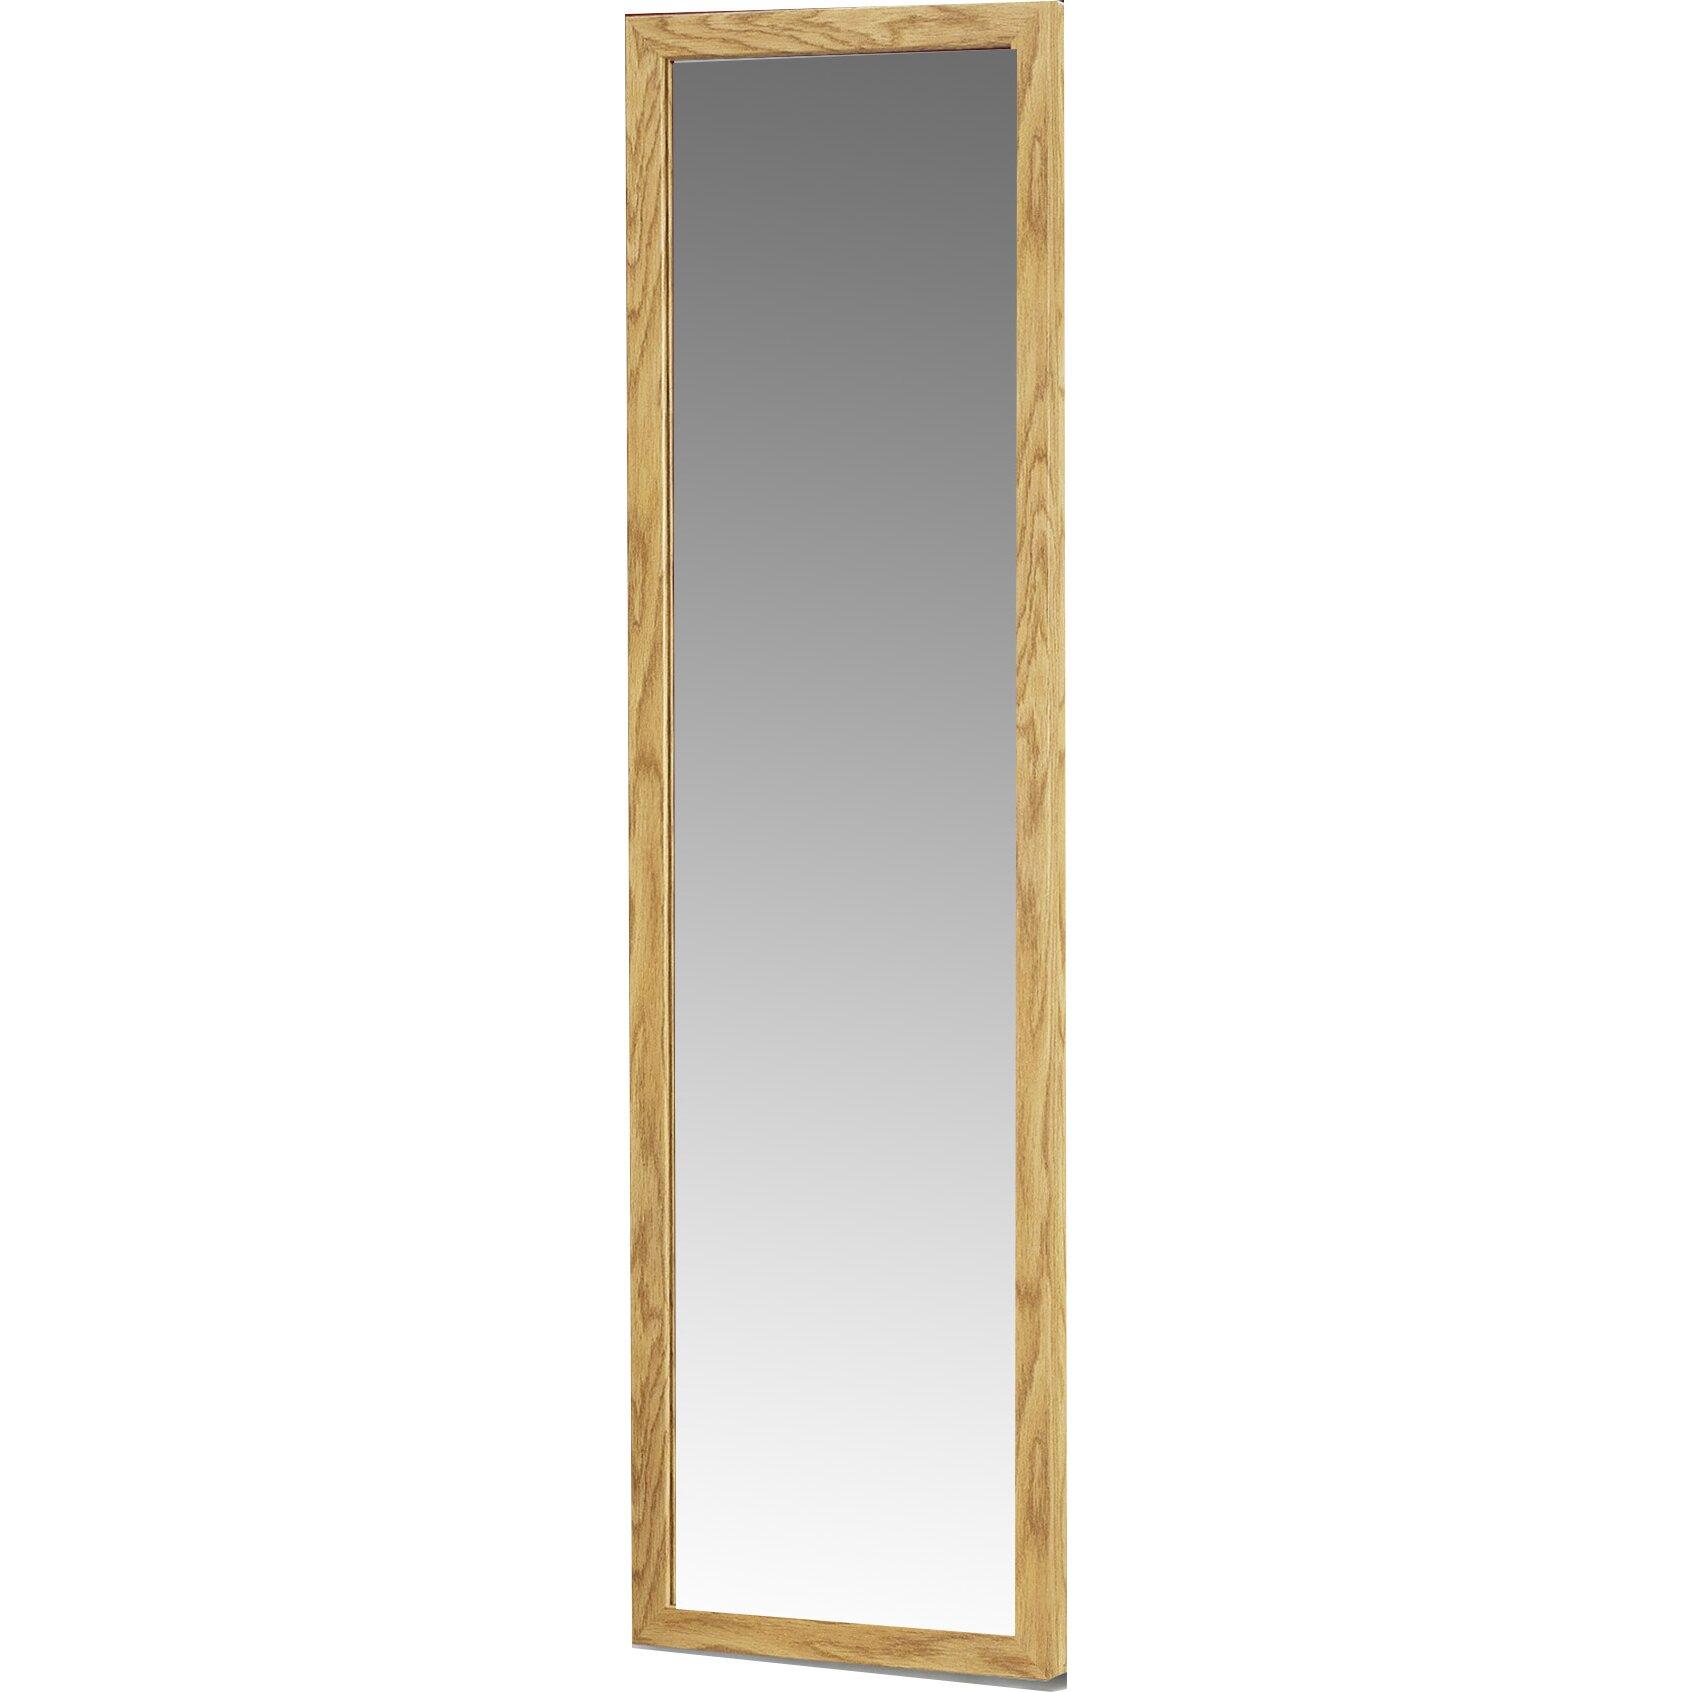 Mirrotek Over The Door Full Length Mirror Reviews Wayfair